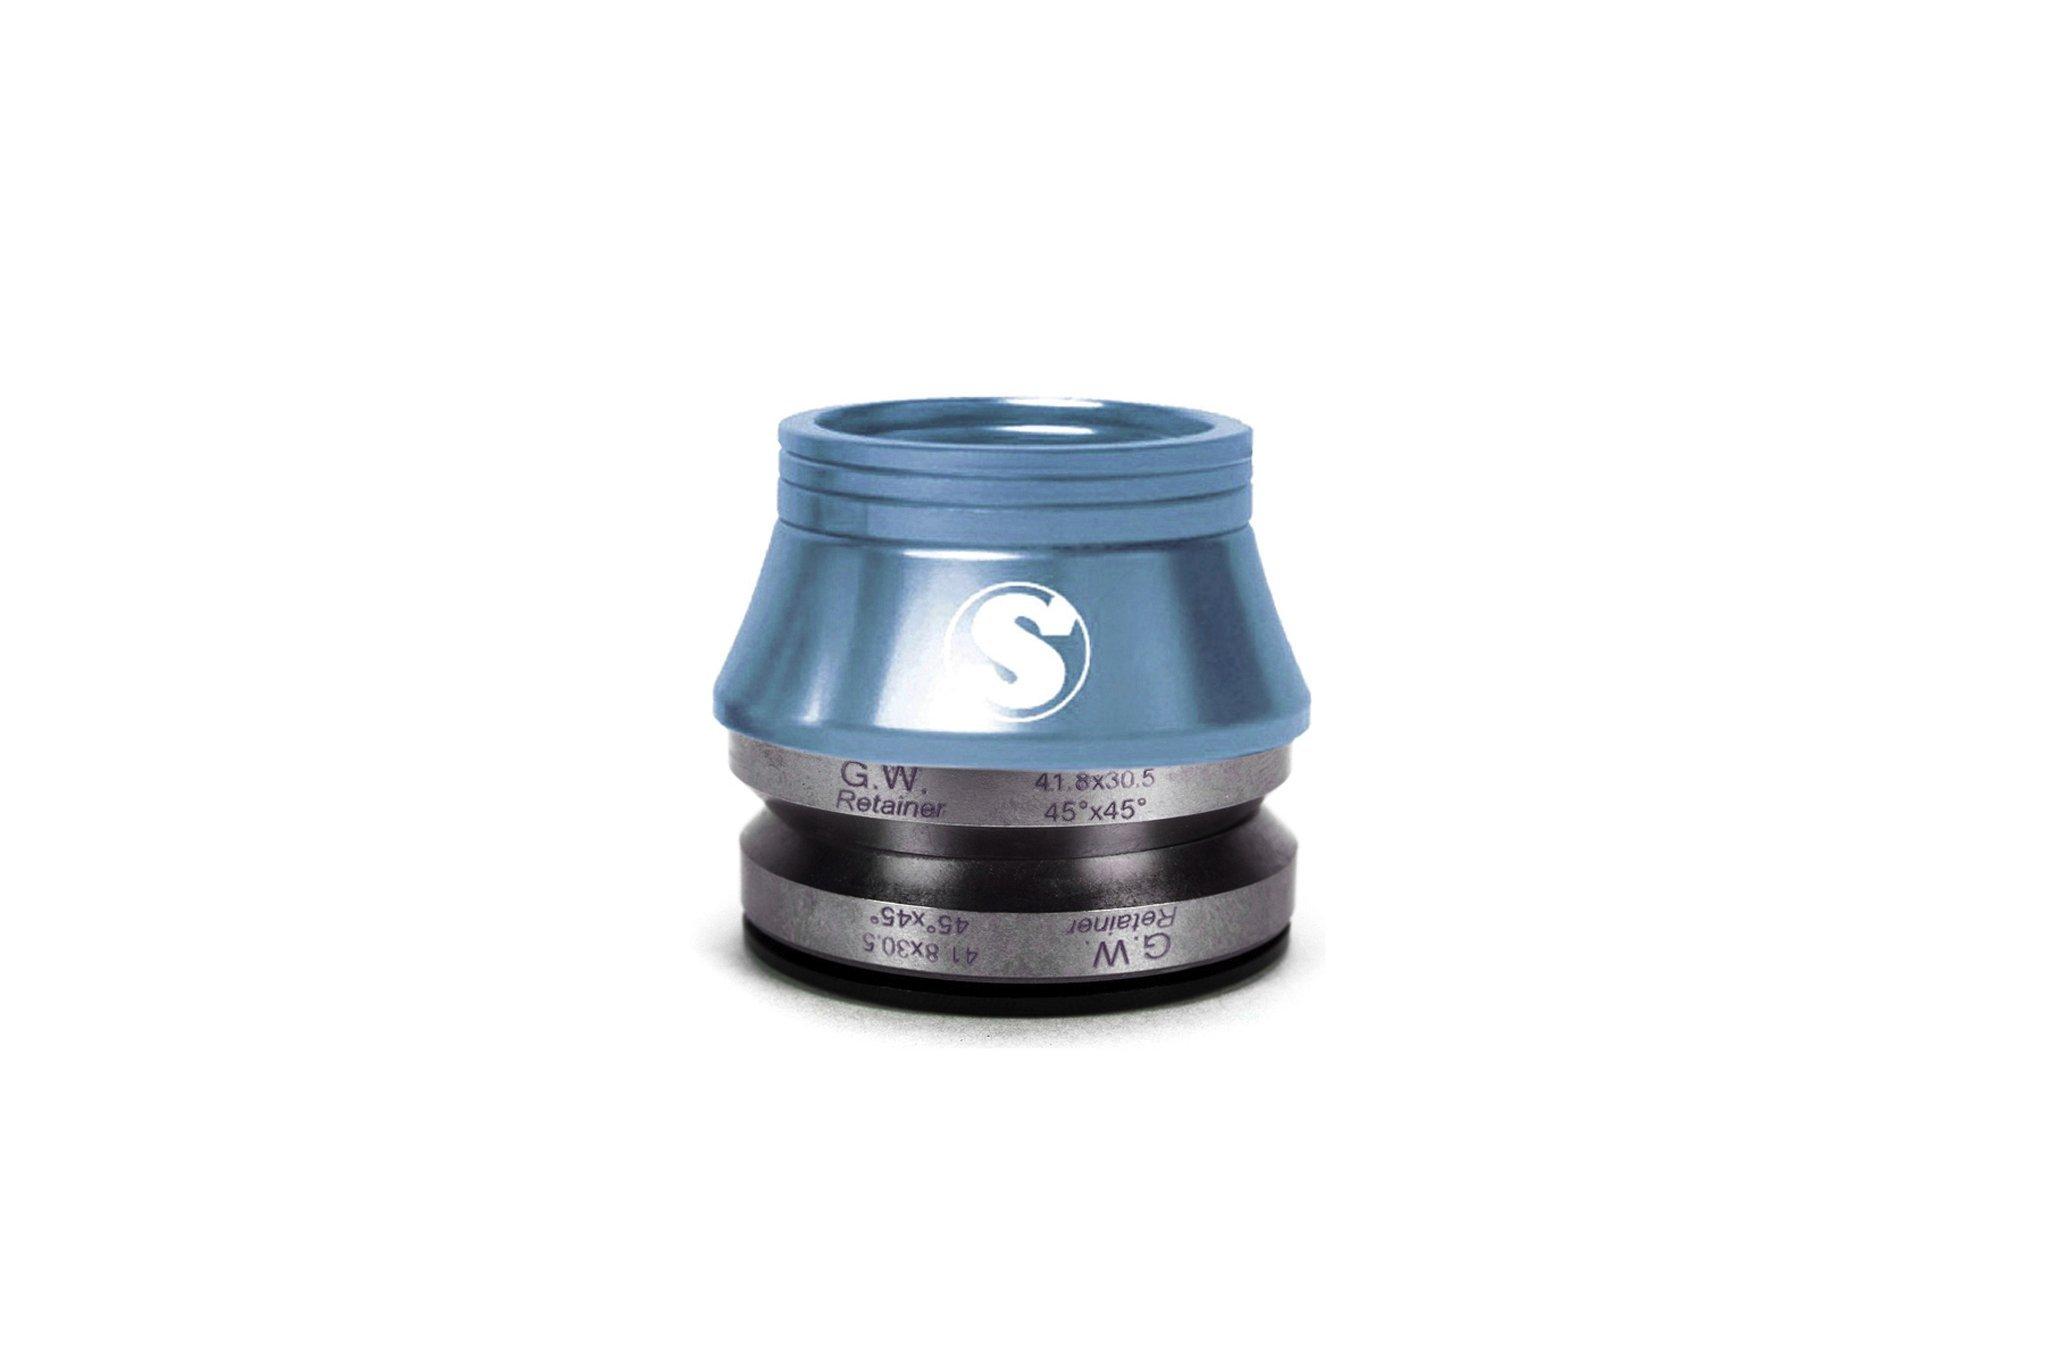 Sunday Bikes Conical Headset jetzt auch in Frost Blue erhältlich